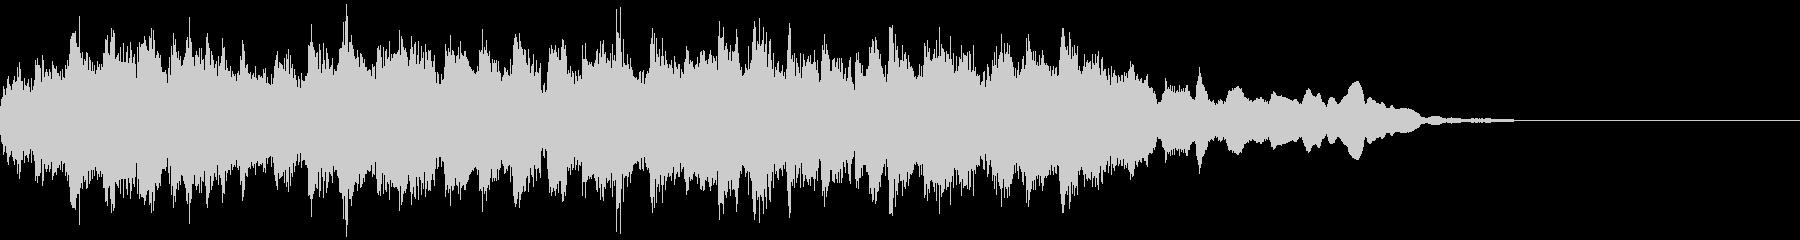 音色が厚めのキラキラサウンドロゴの未再生の波形